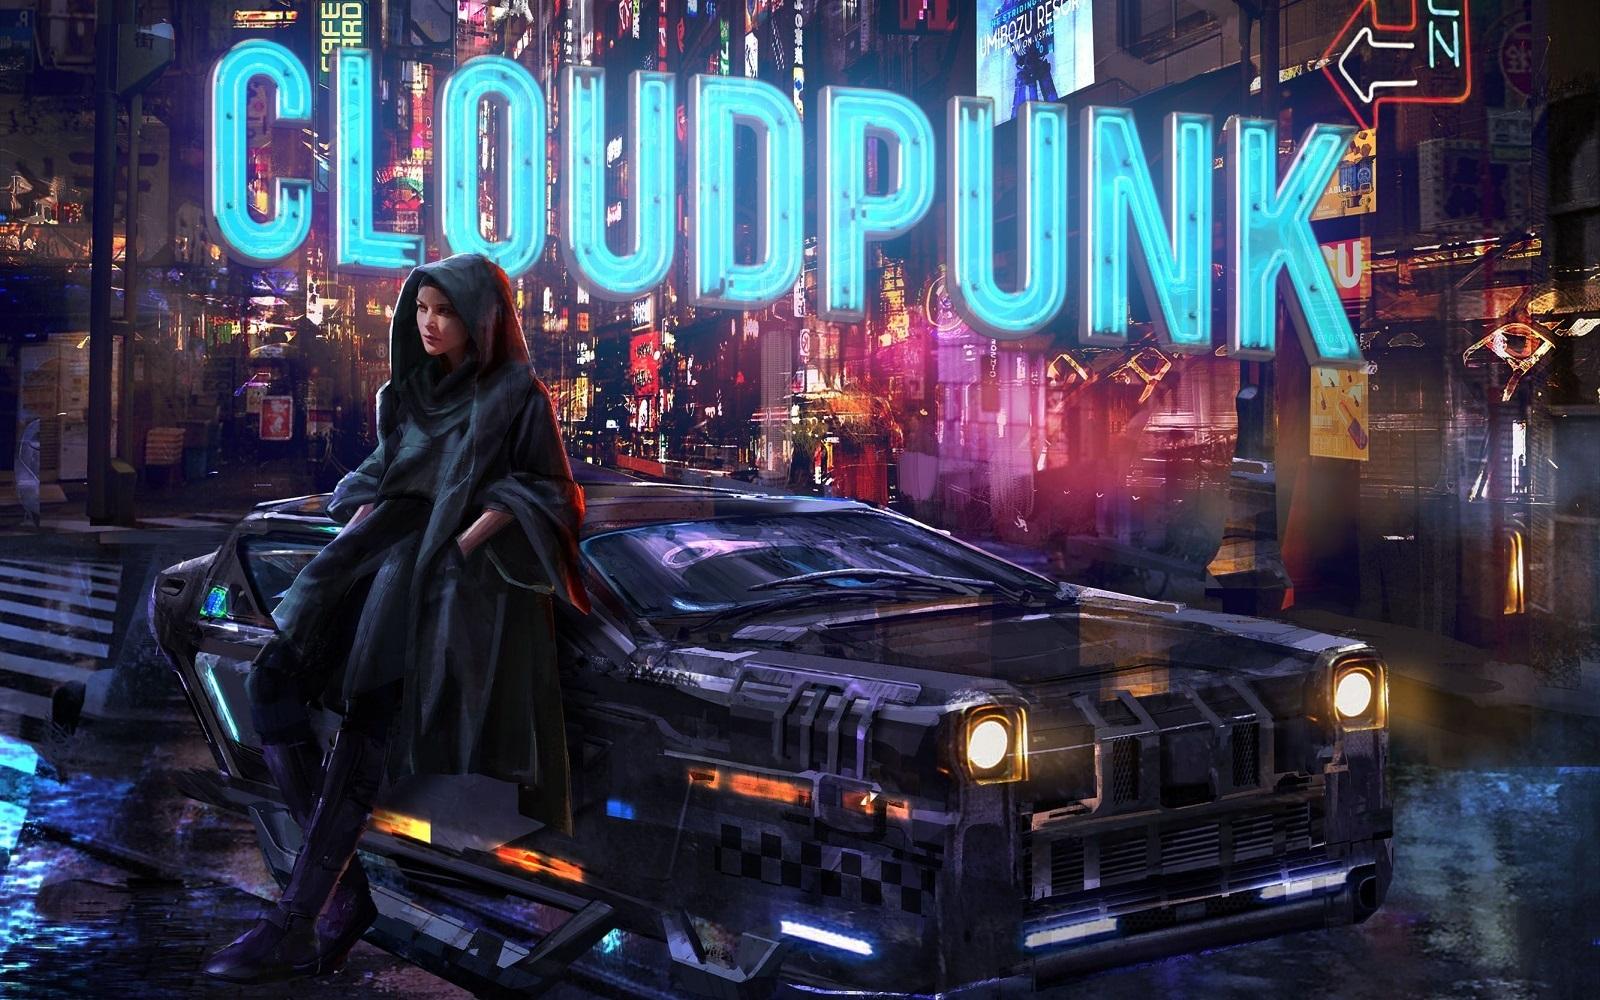 «Как такое может считаться нормальным или вообще законным?»: игроки остались недовольны Switch-версией Cloudpunk